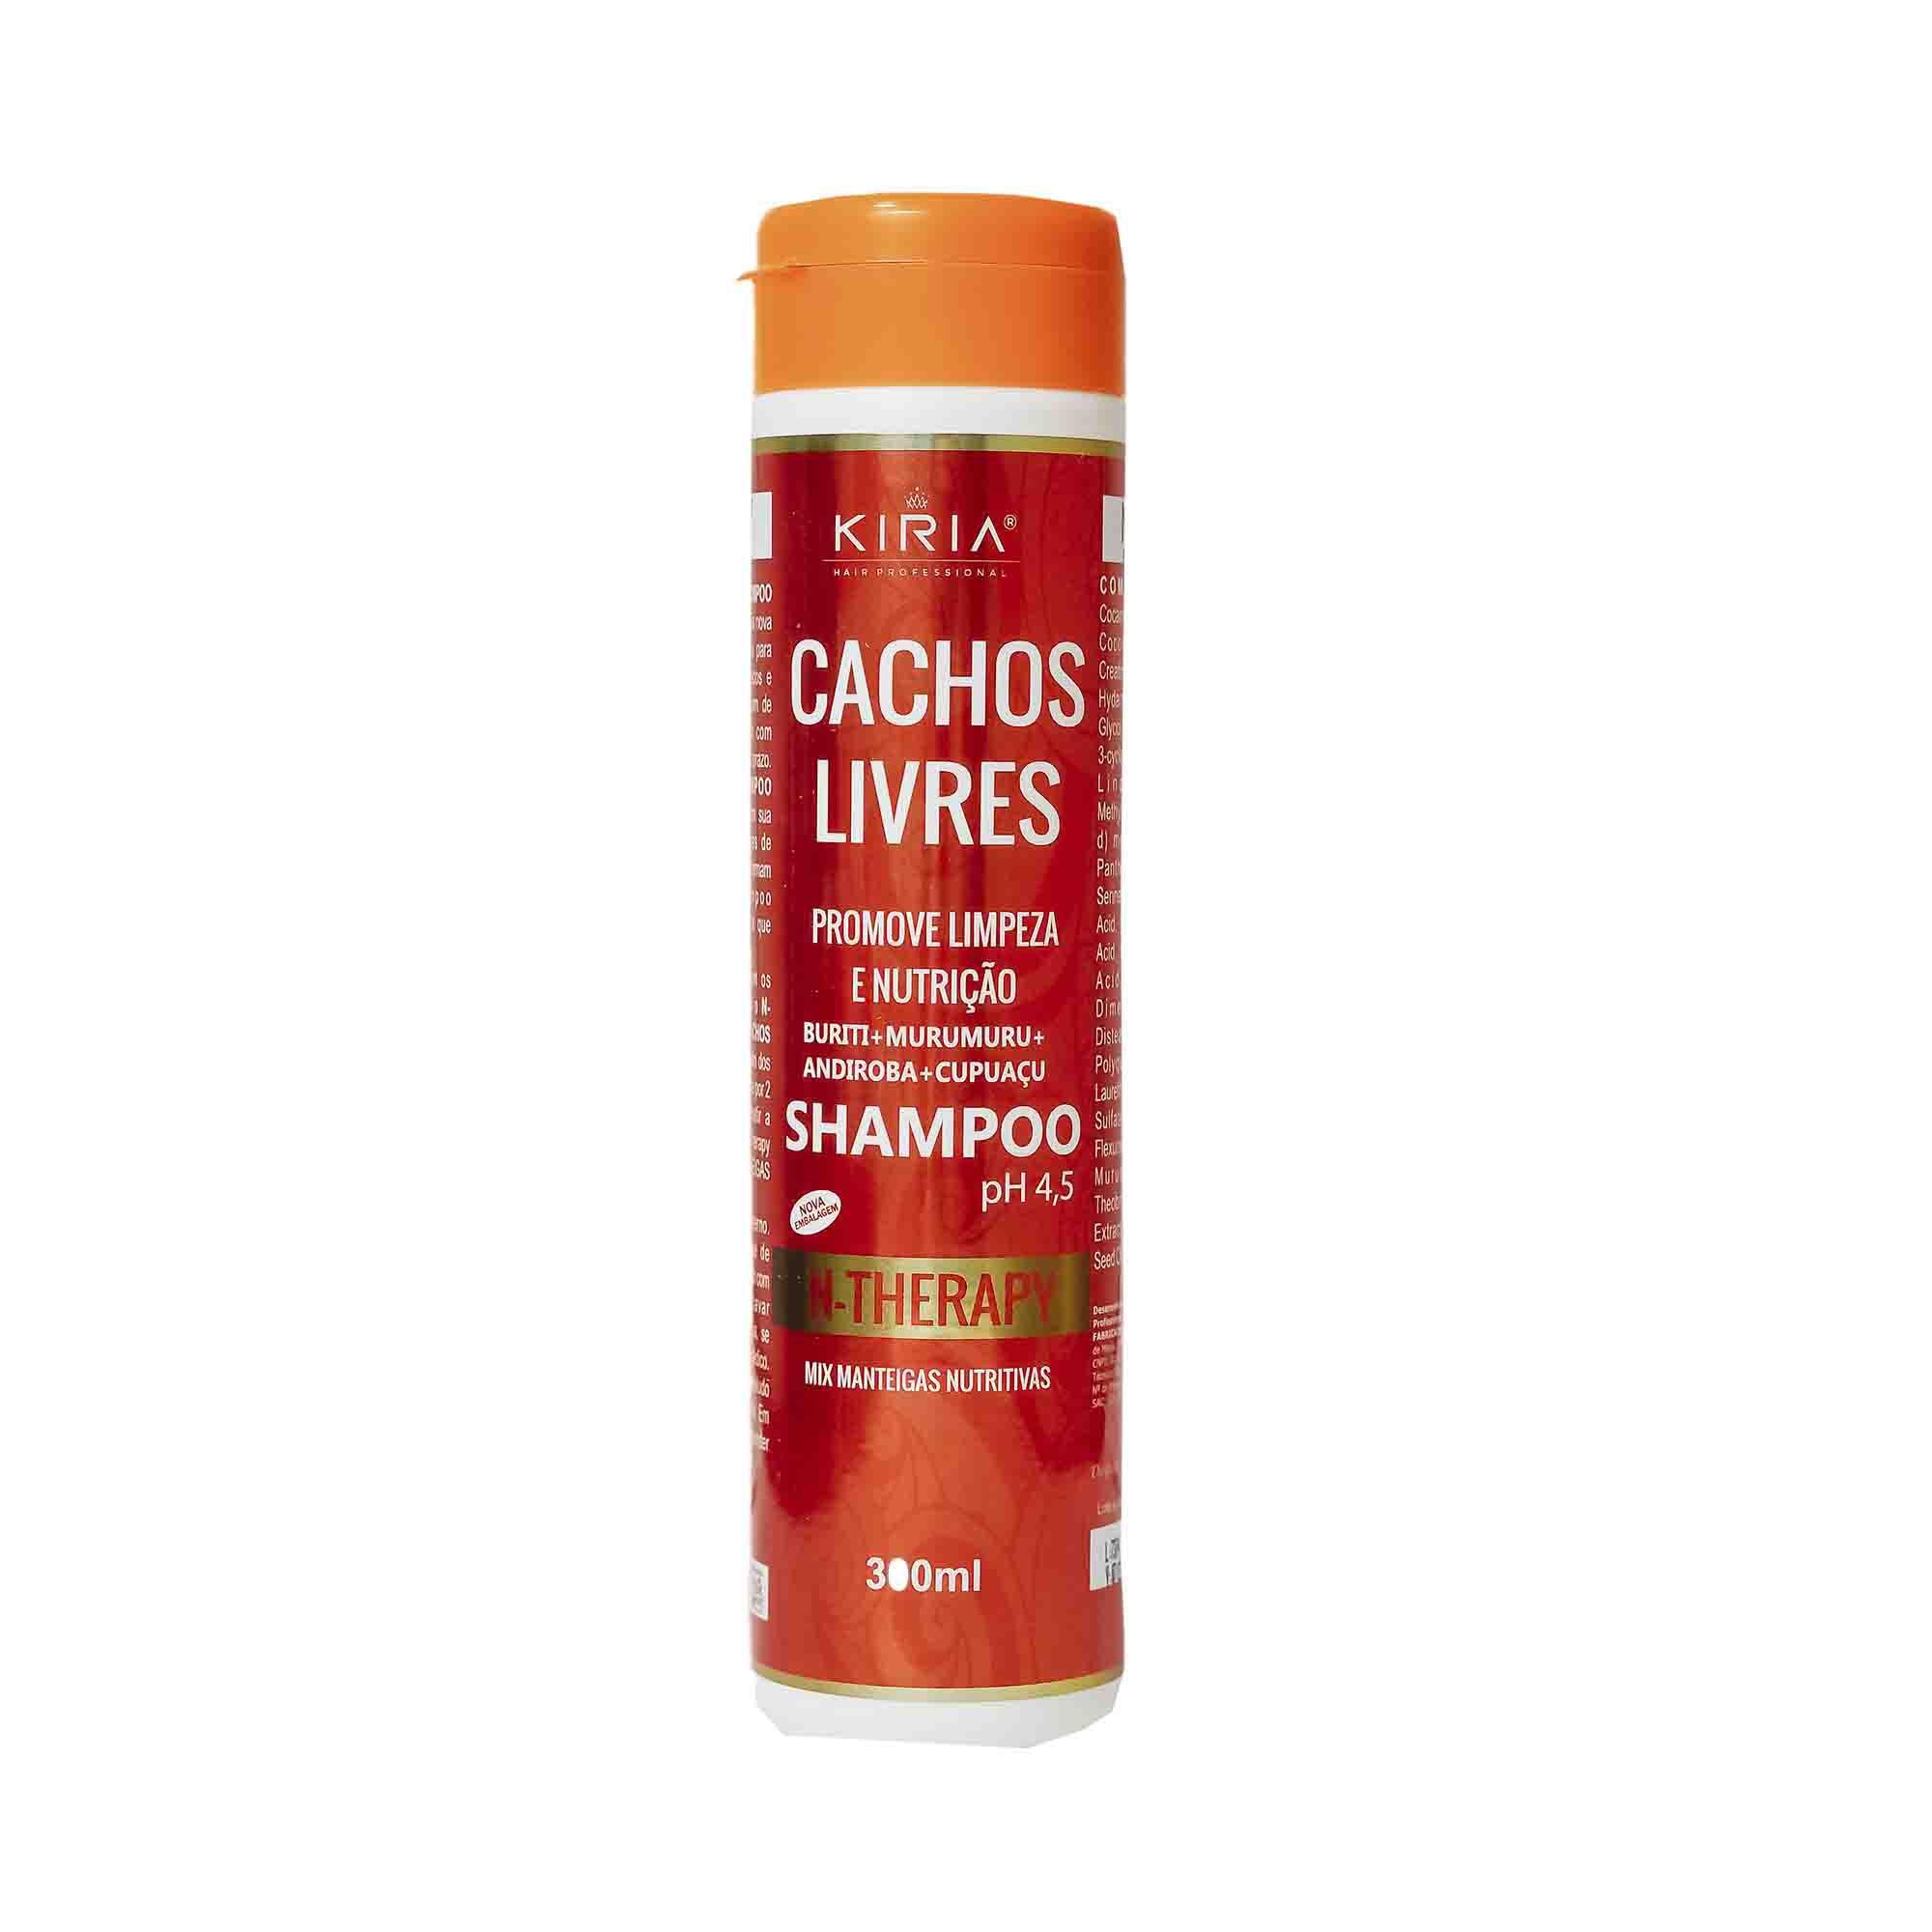 SHAMPOO CACHOS LIVRES COM MIX DE MANTEIGAS NUTRITIVAS - 300ML